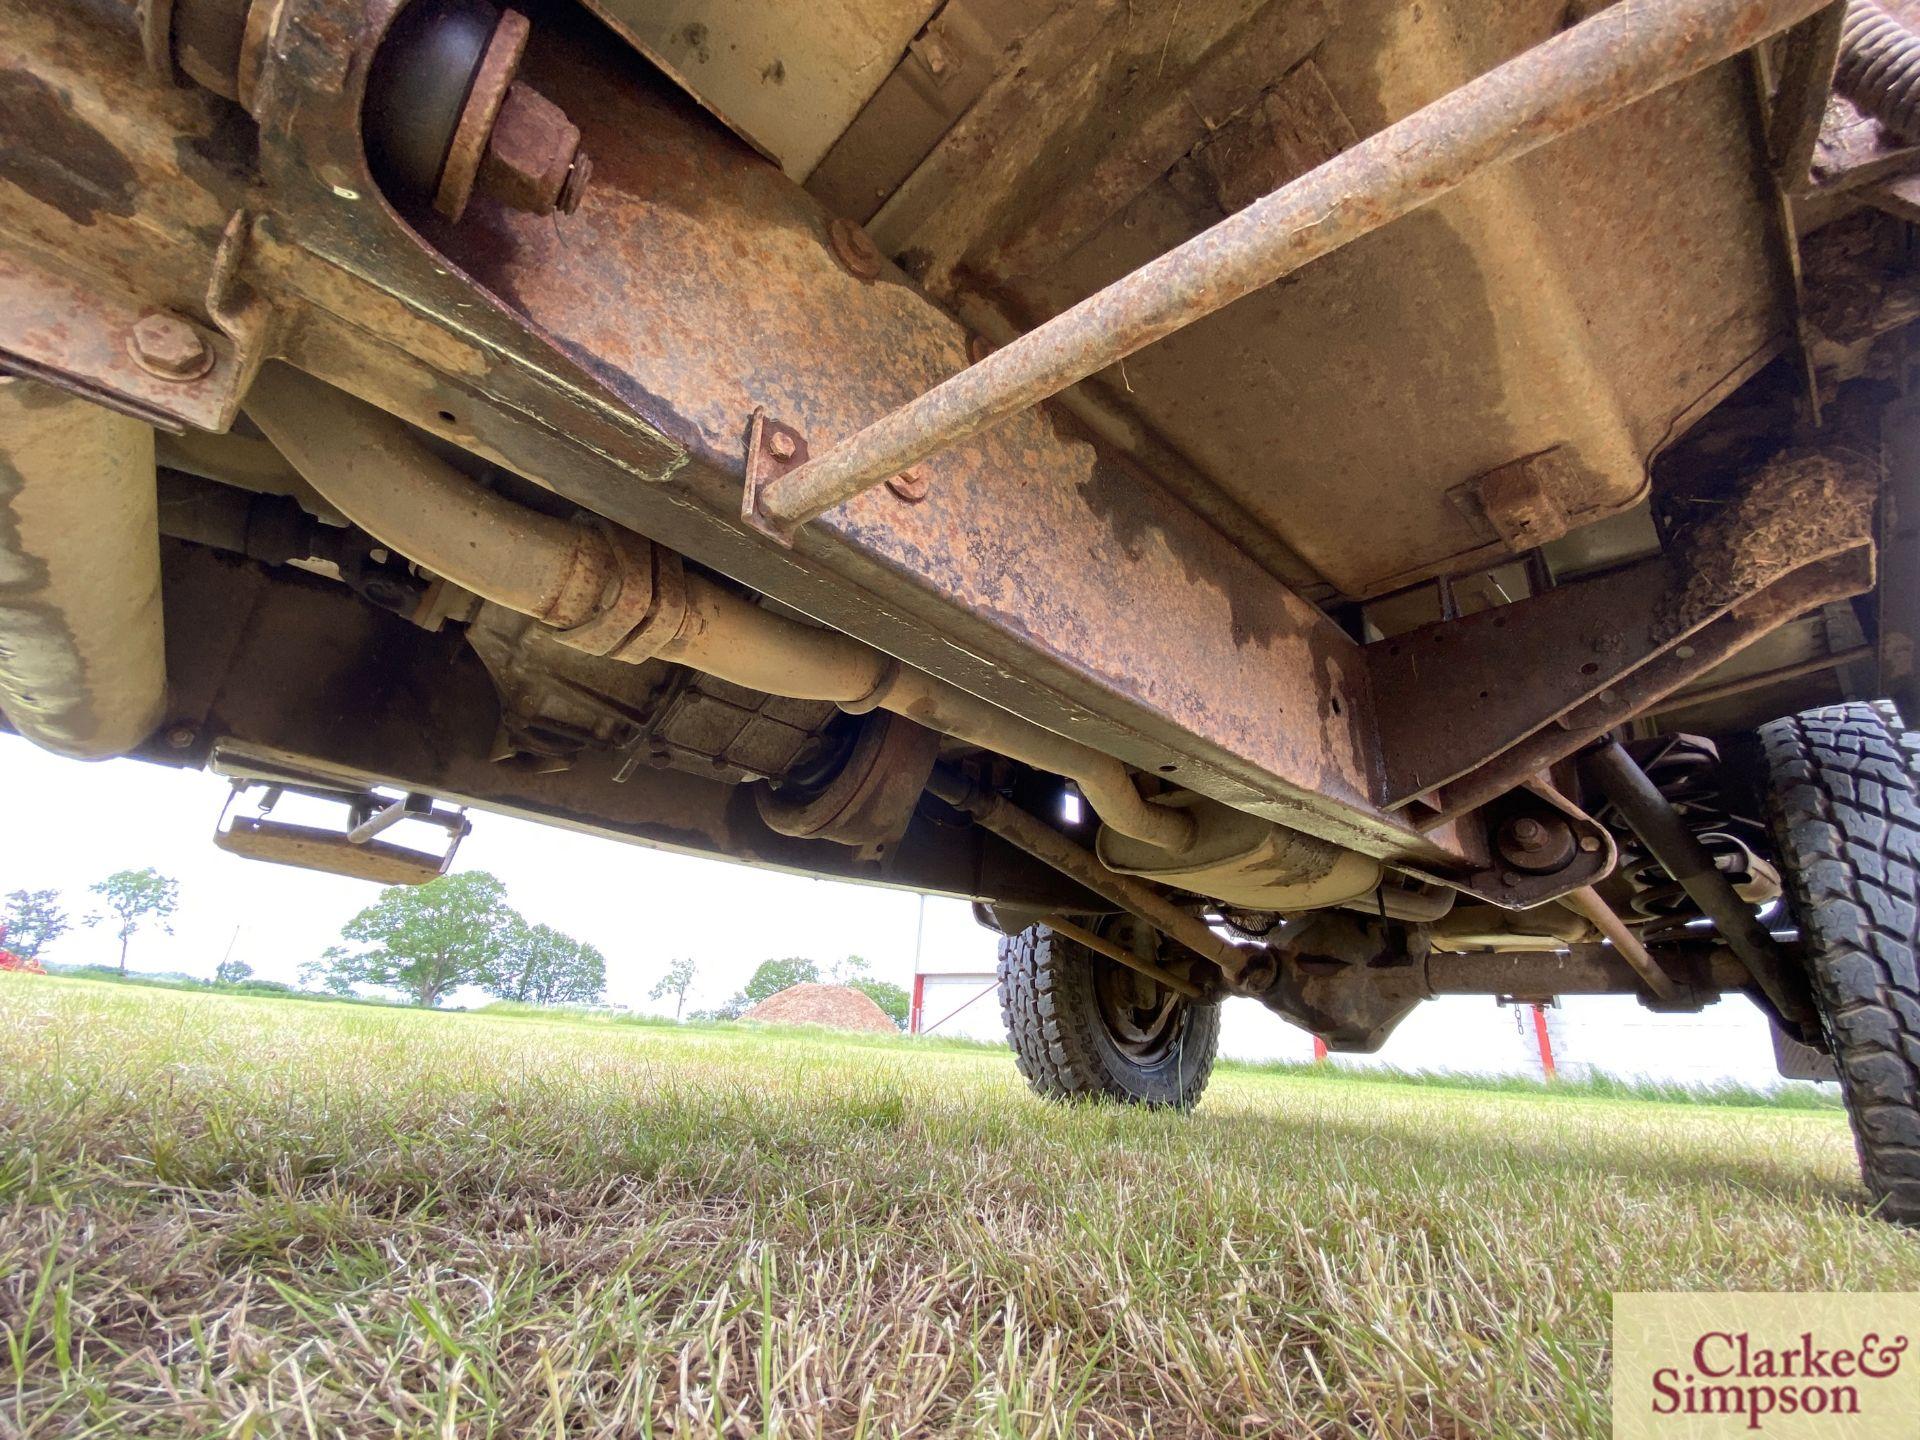 Land Rover Defender 110 single cab pick-up. Registration H317 OHK. Date of first registration 08/ - Image 52 of 56